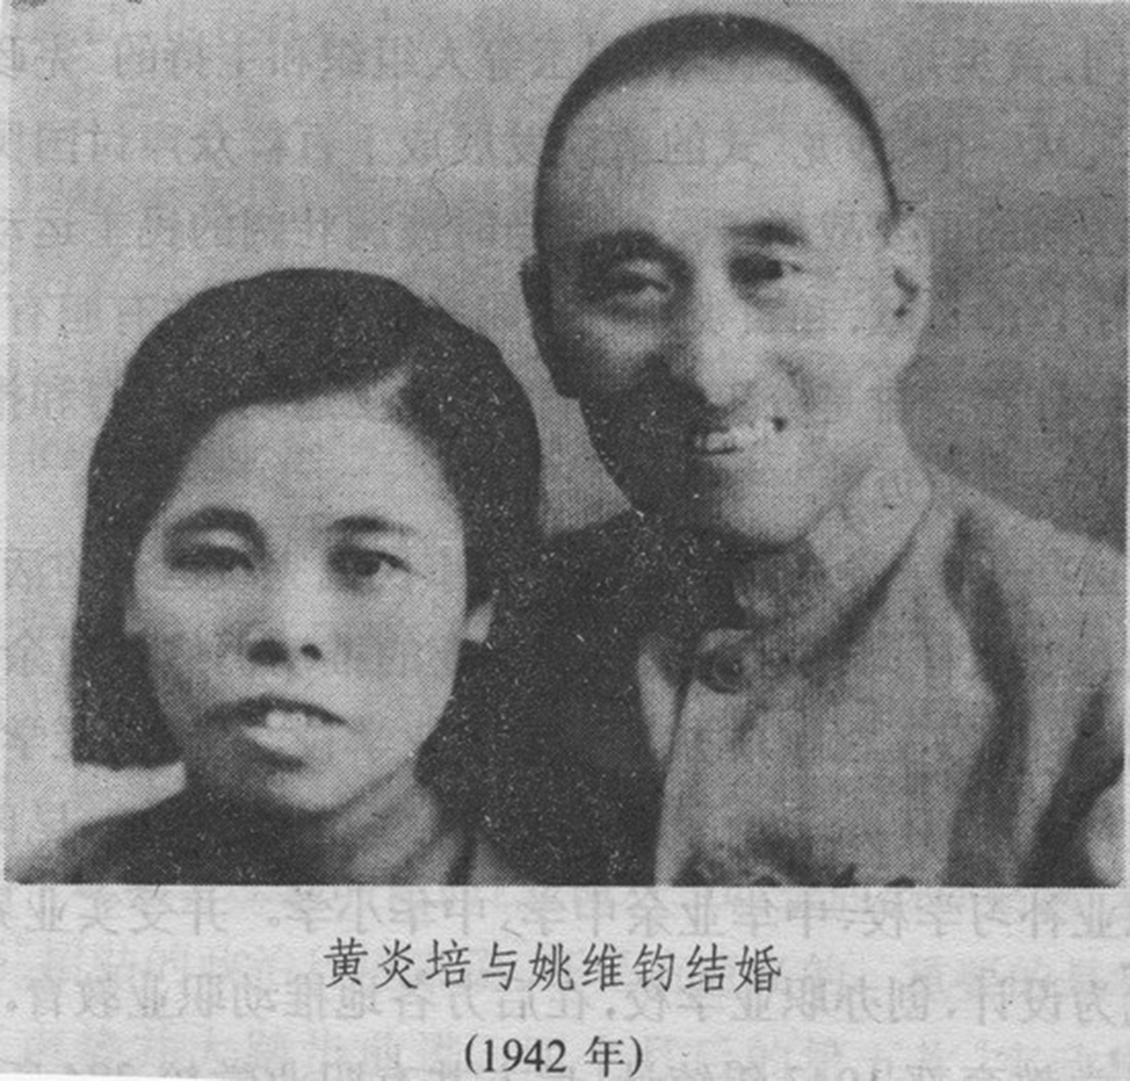 中國現代著名的教育家黃炎培。(網絡圖片)